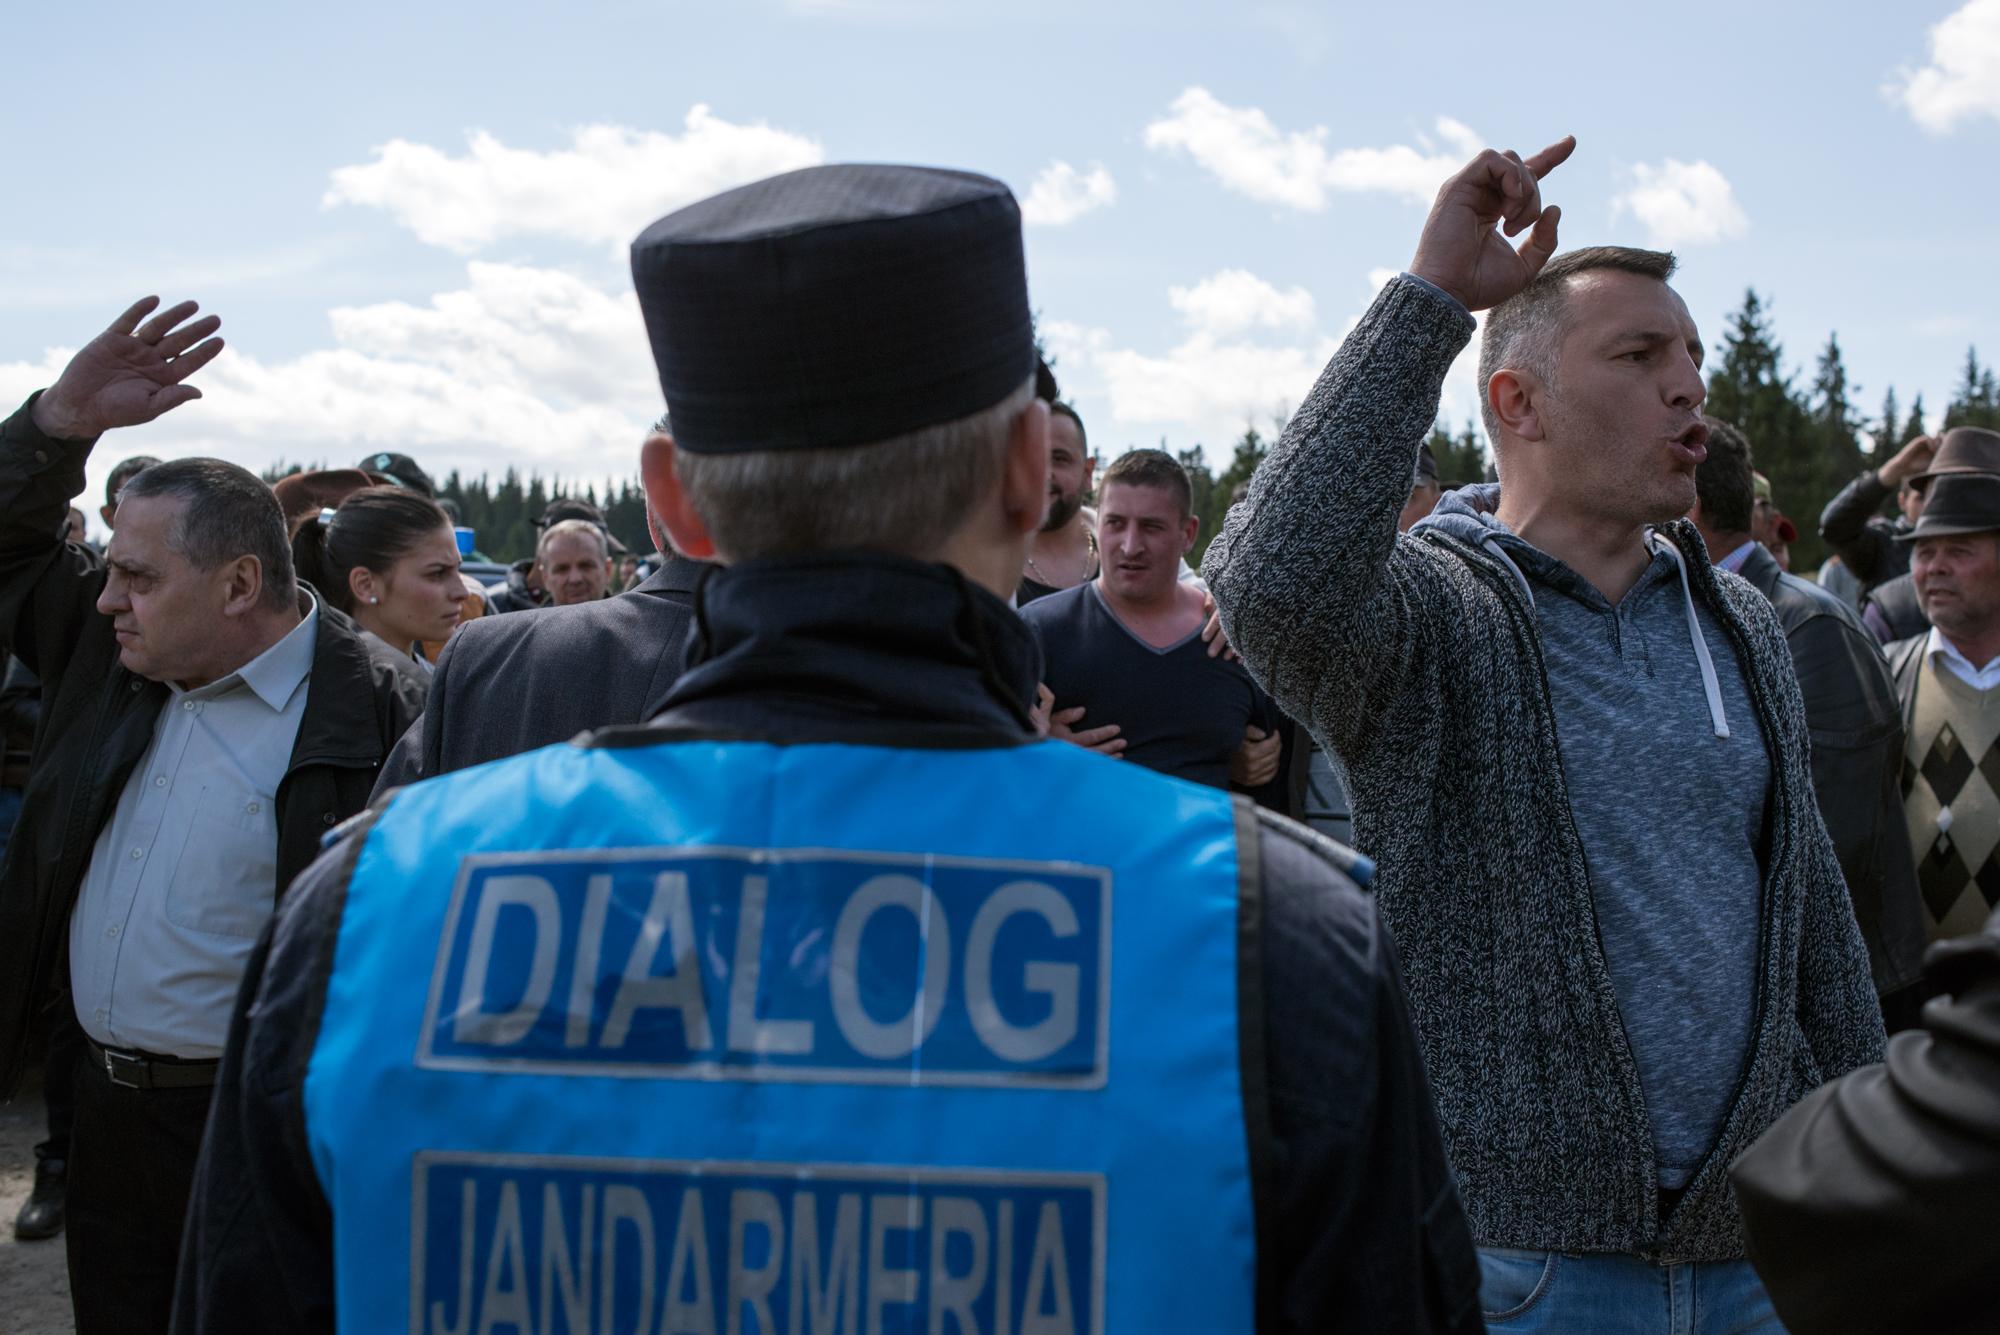 Dialogul facilitat de fostul deputat Mircia Giurgiu